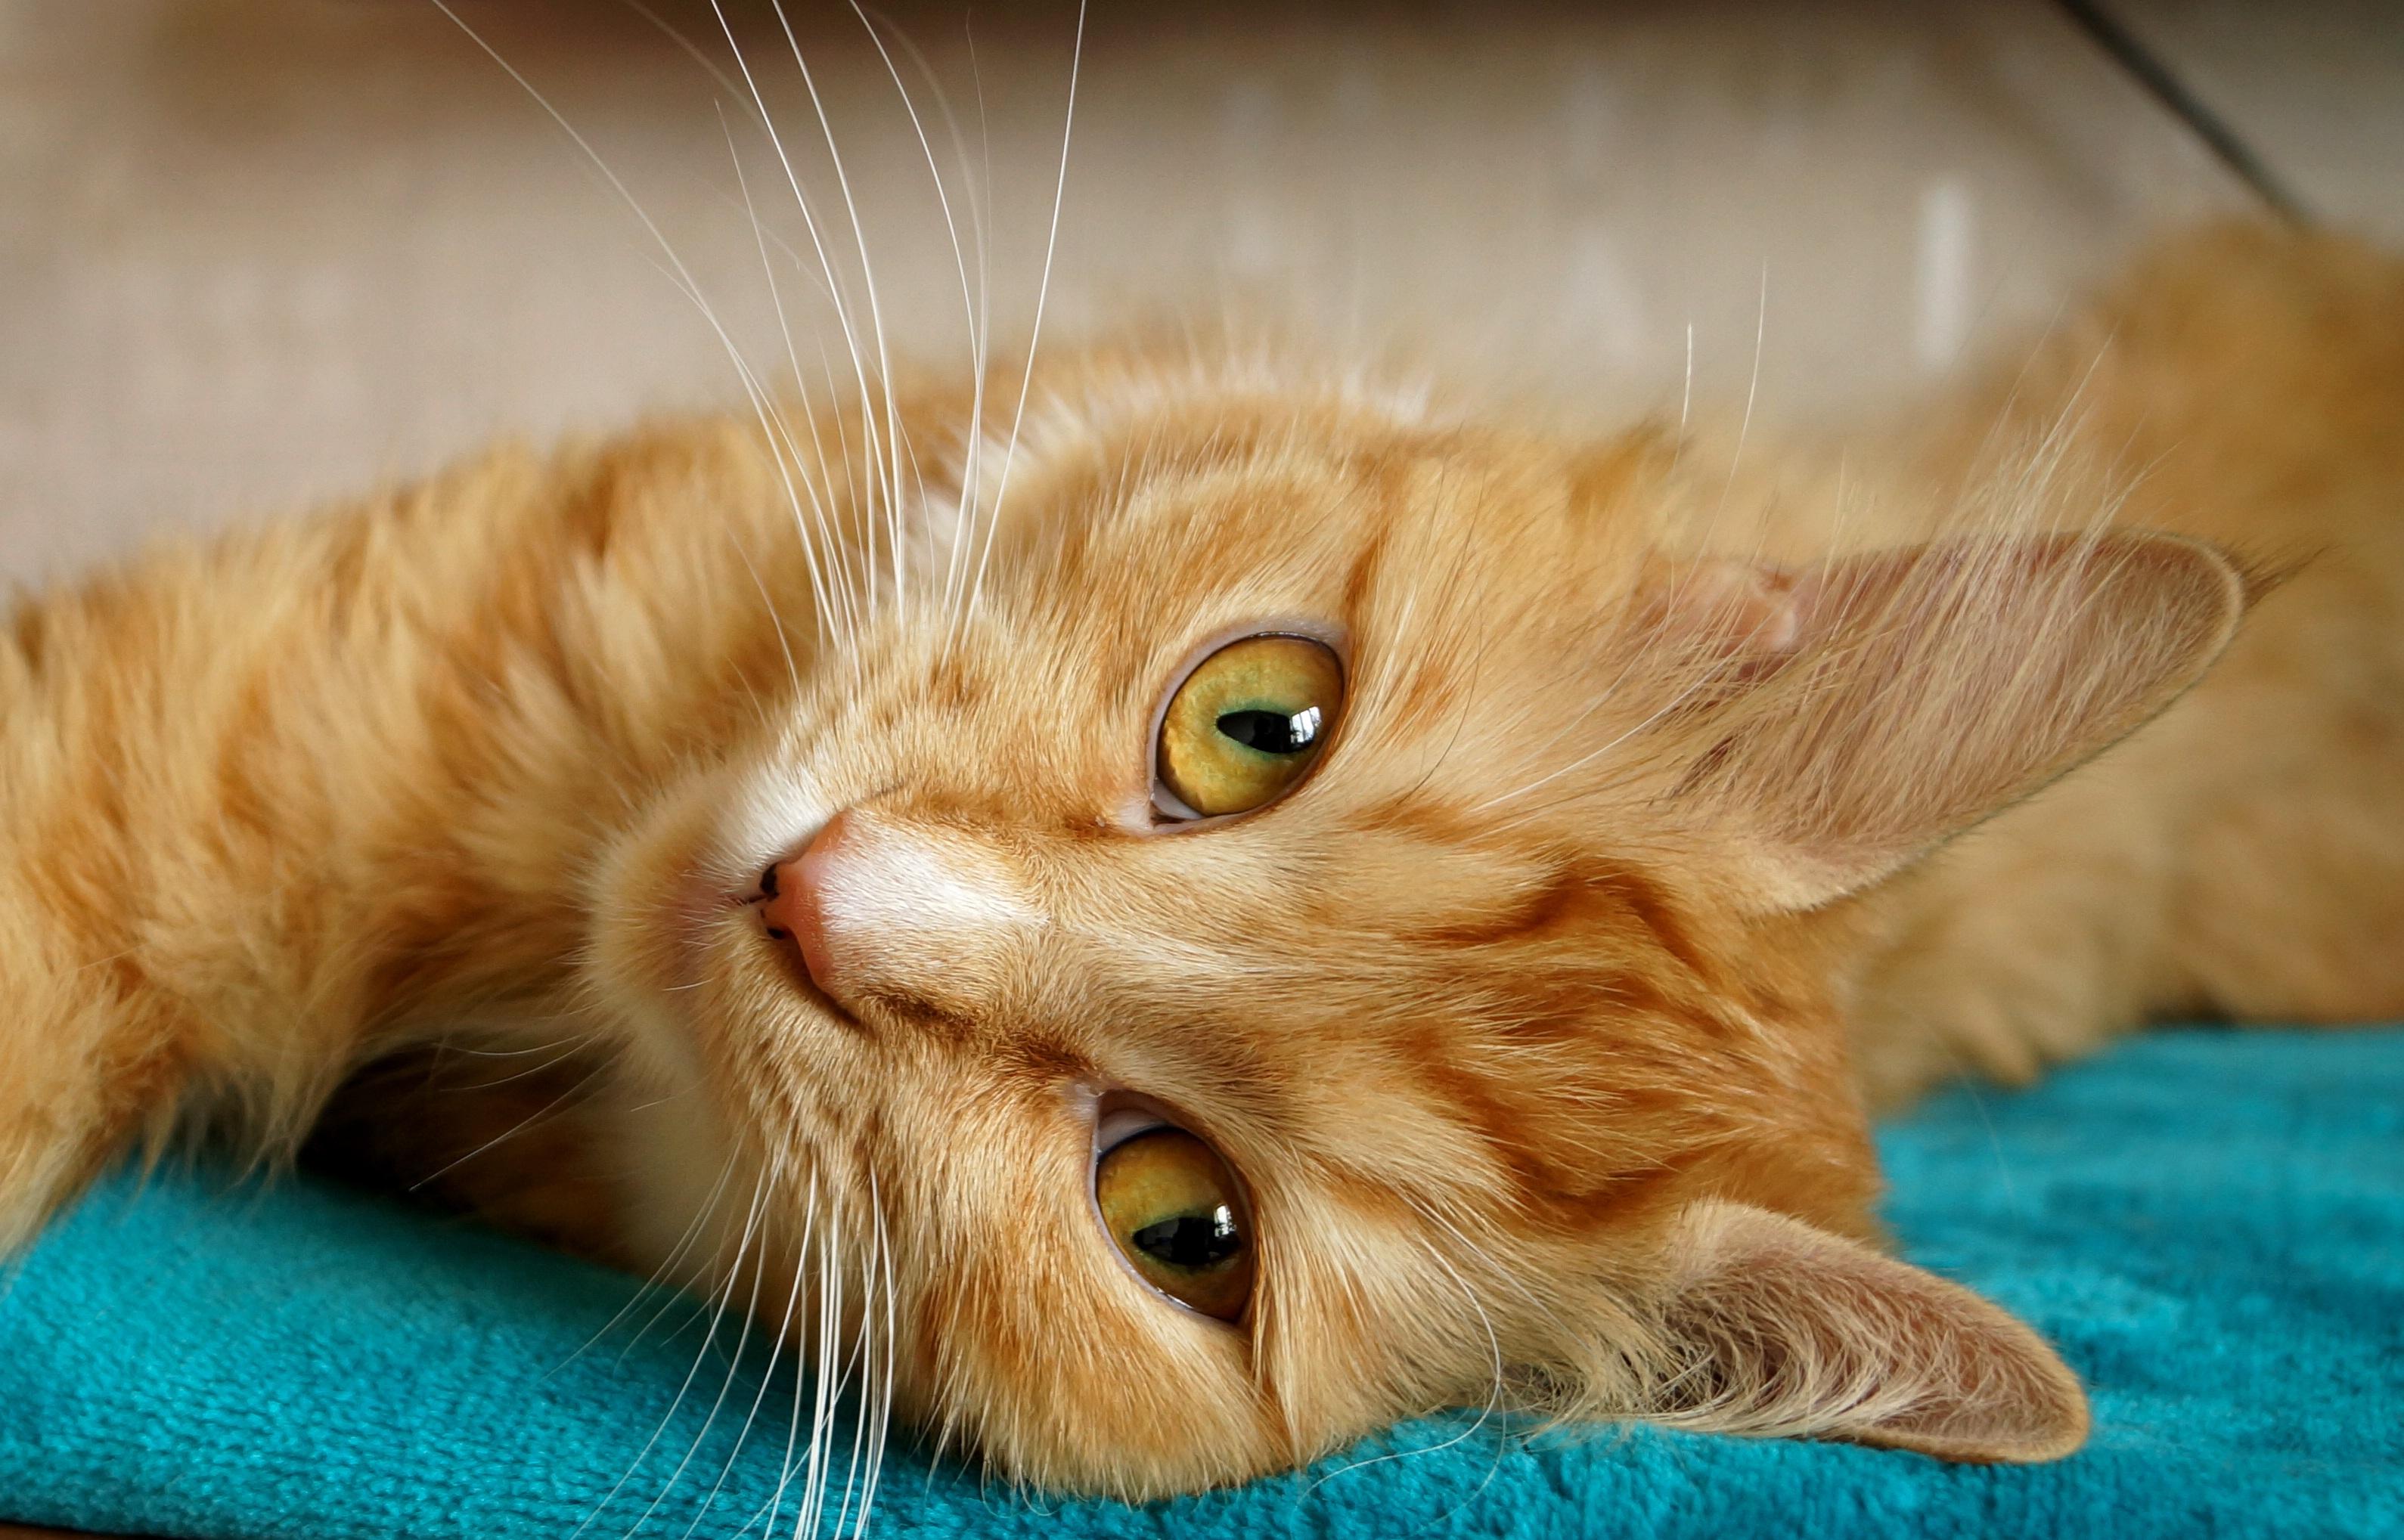 Wallpaper Black Orange Orange Tabby Cat Laying On Brown Sofa 183 Free Stock Photo